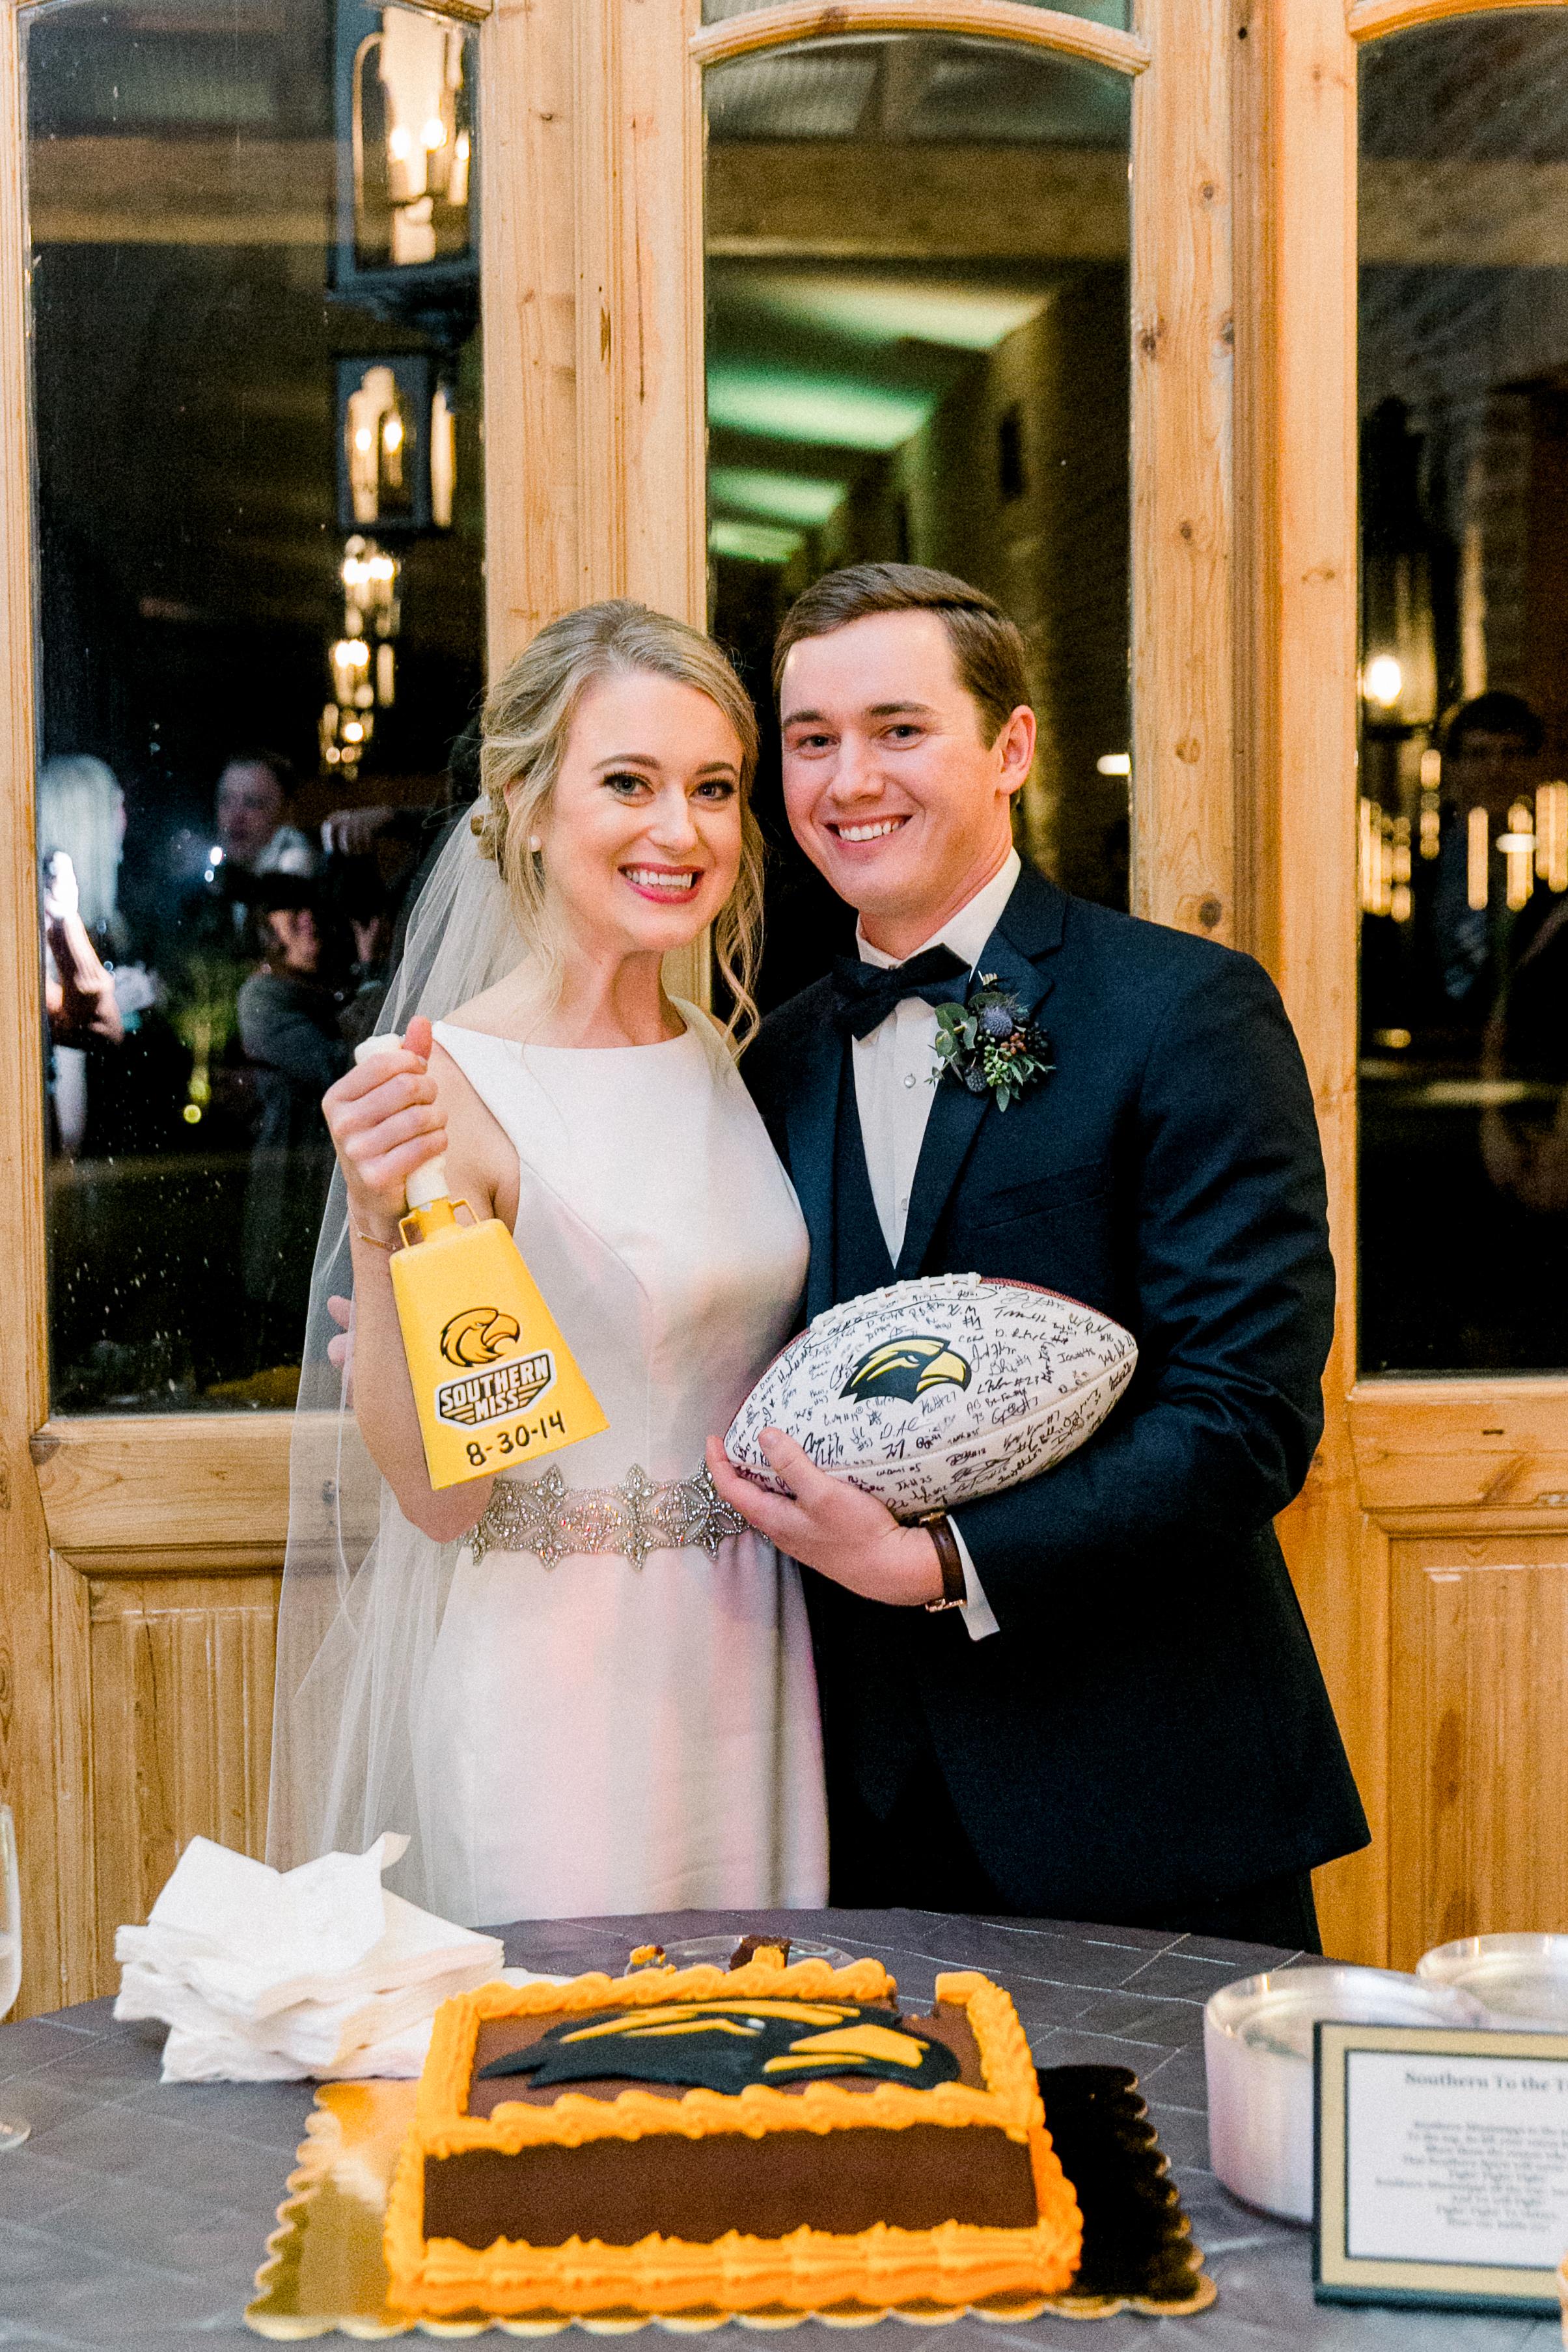 631_Rachel & Drew Wedding__Recptn_Lindsay Ott Photog_2018.jpg